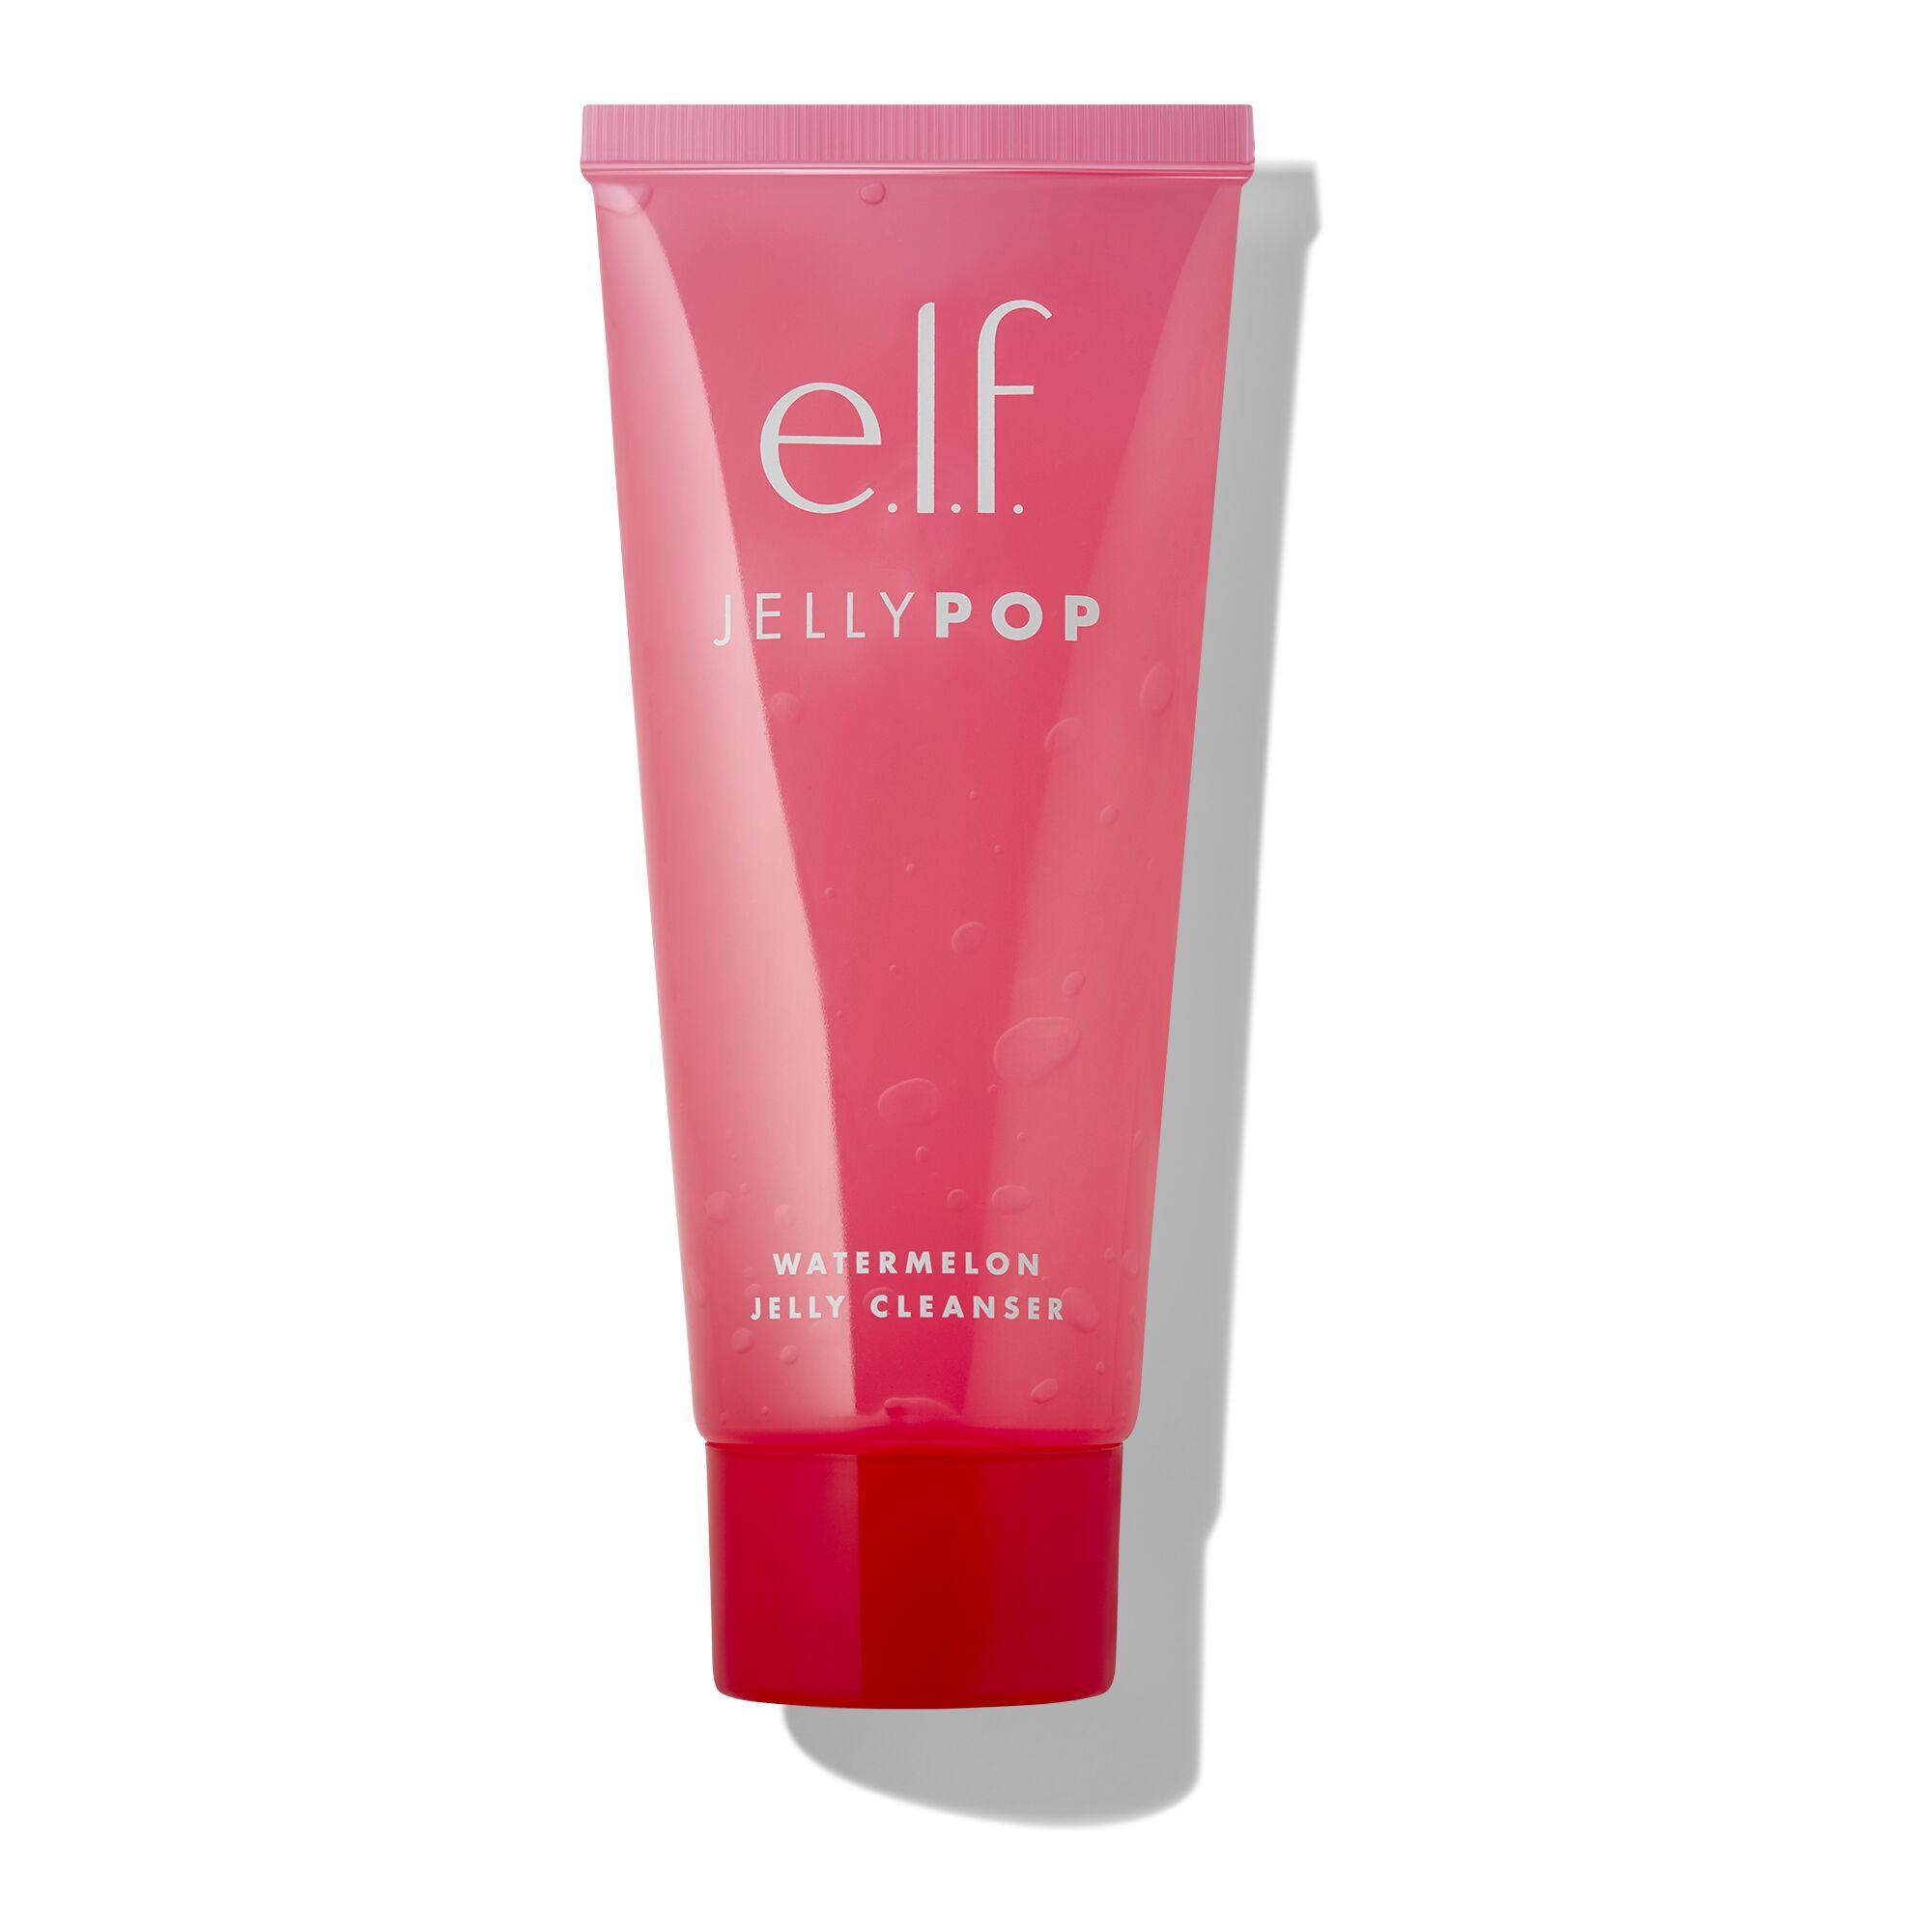 e.l.f. Jelly Pop